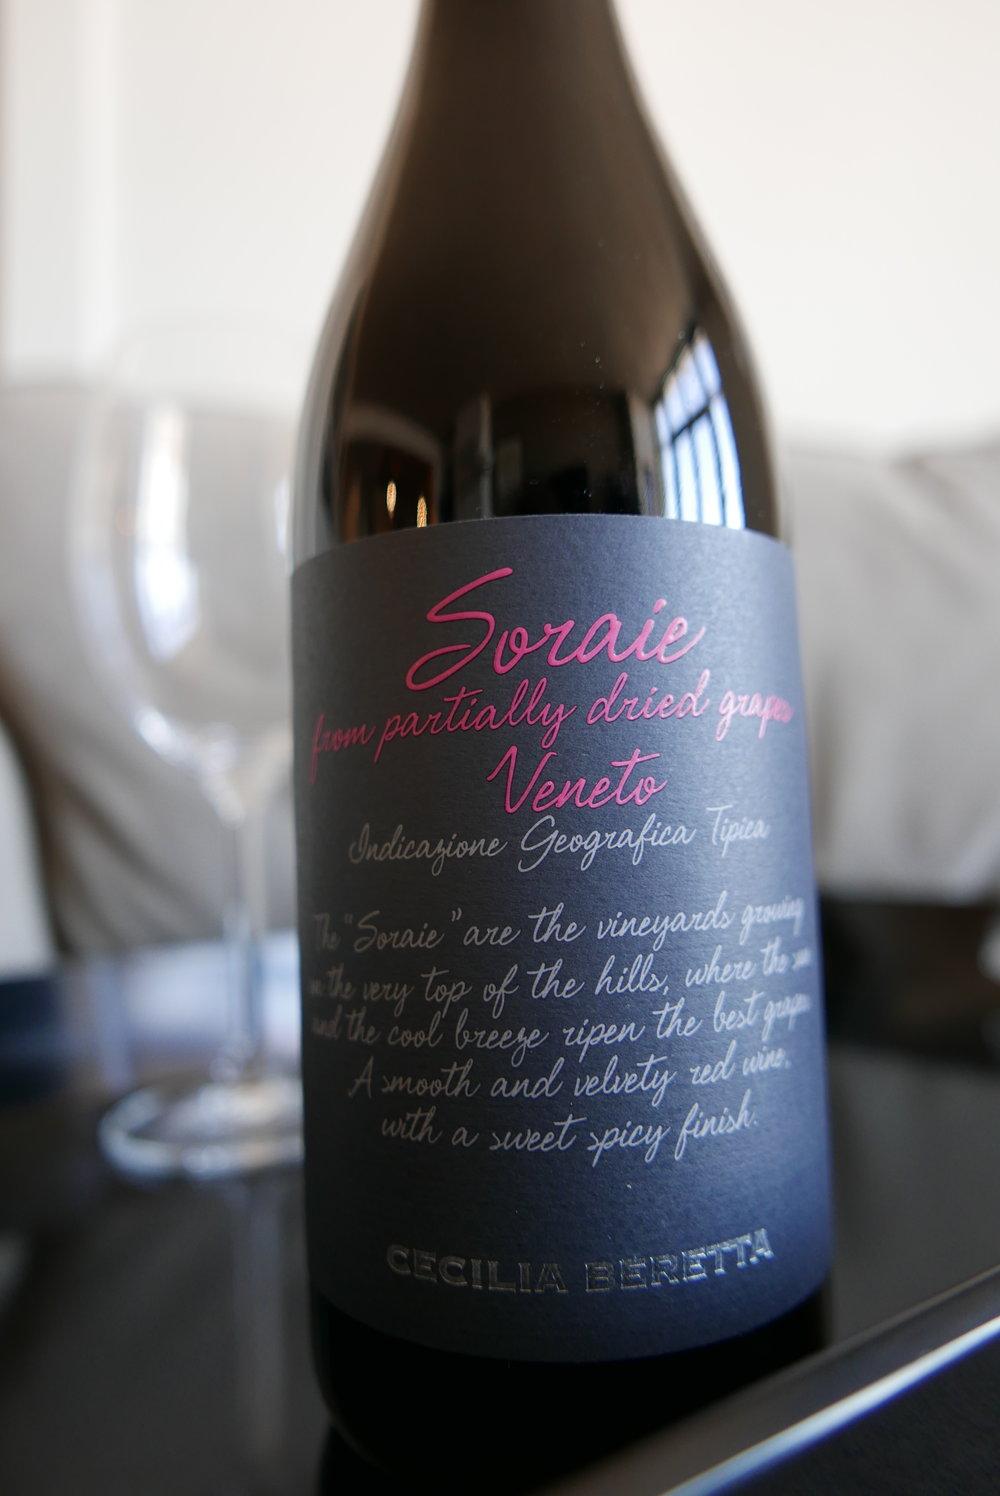 Bottle of Soraie wine, my favorite